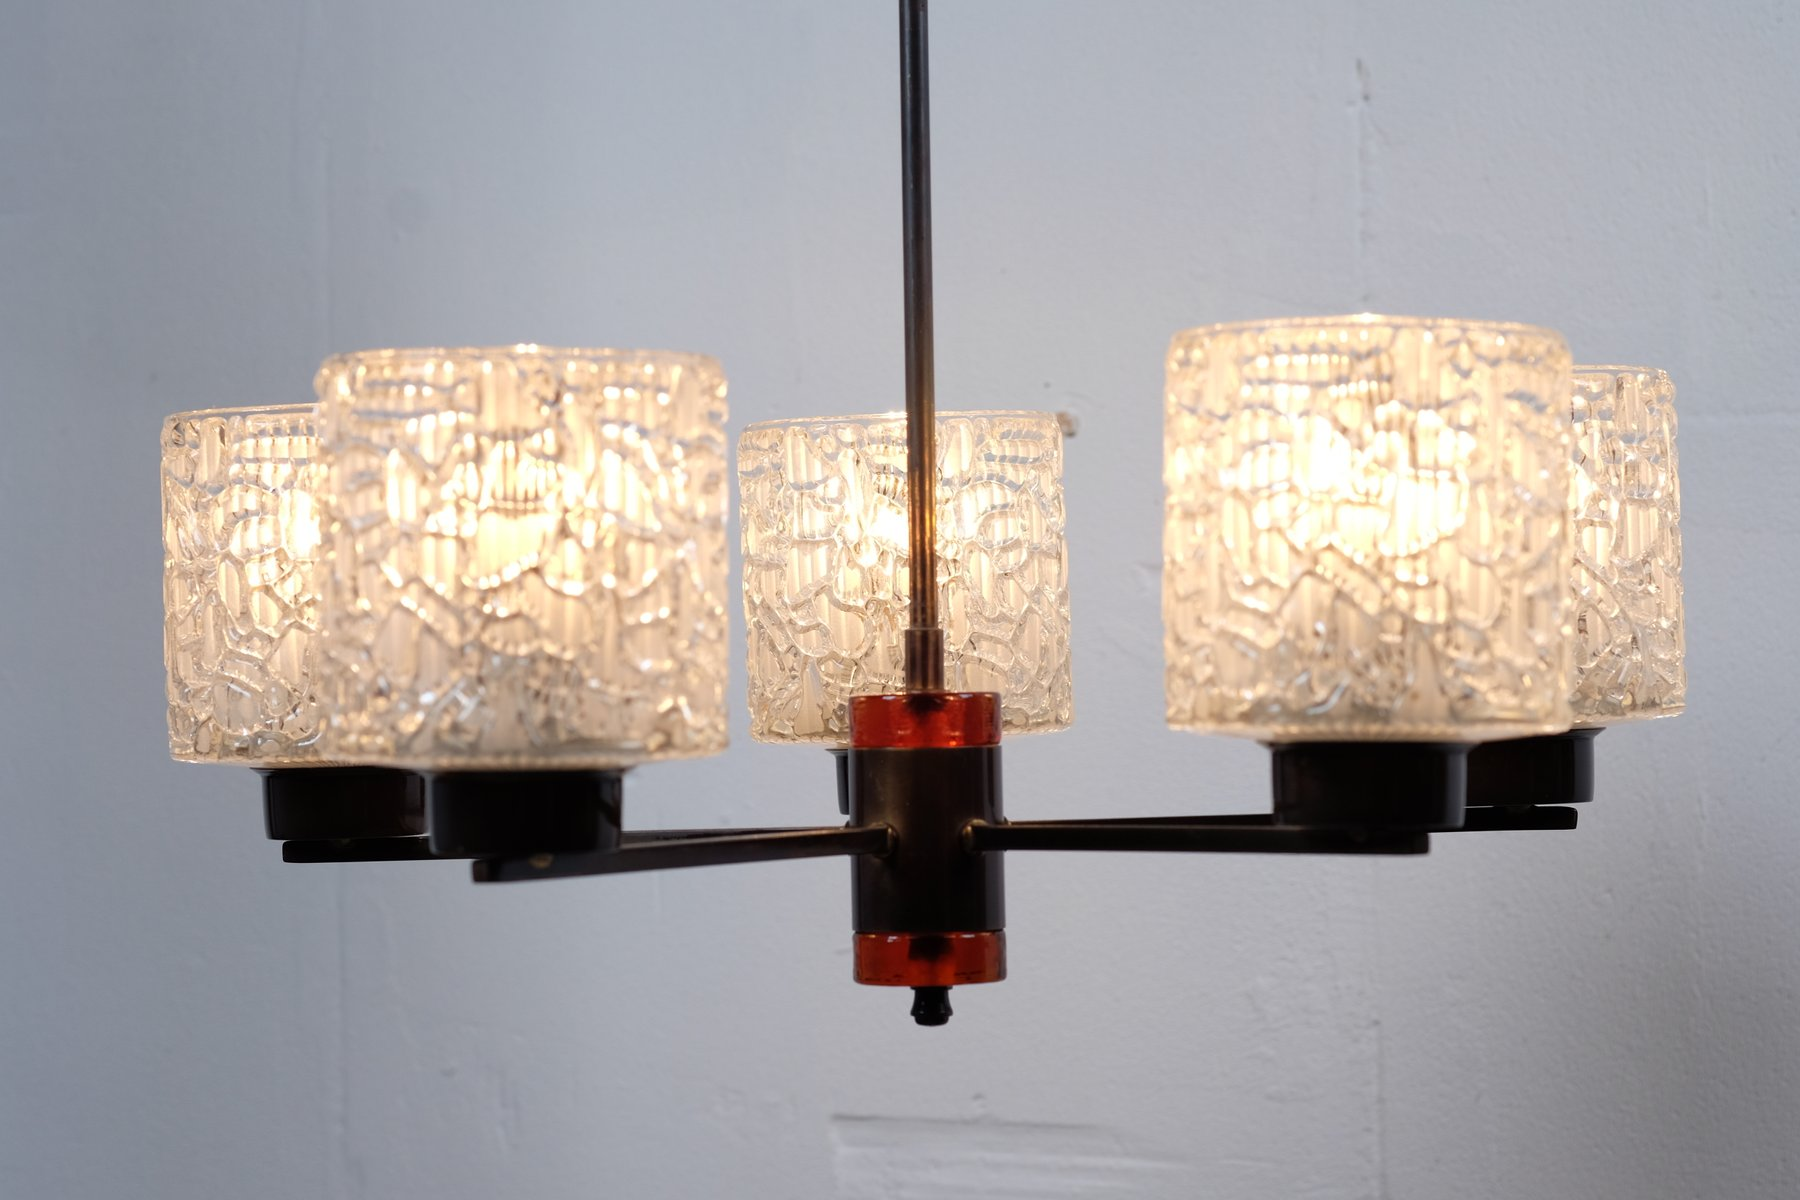 Kronleuchter Palazzo ~ Hillebrand lighting kronleuchter online kaufen möbel suchmaschine